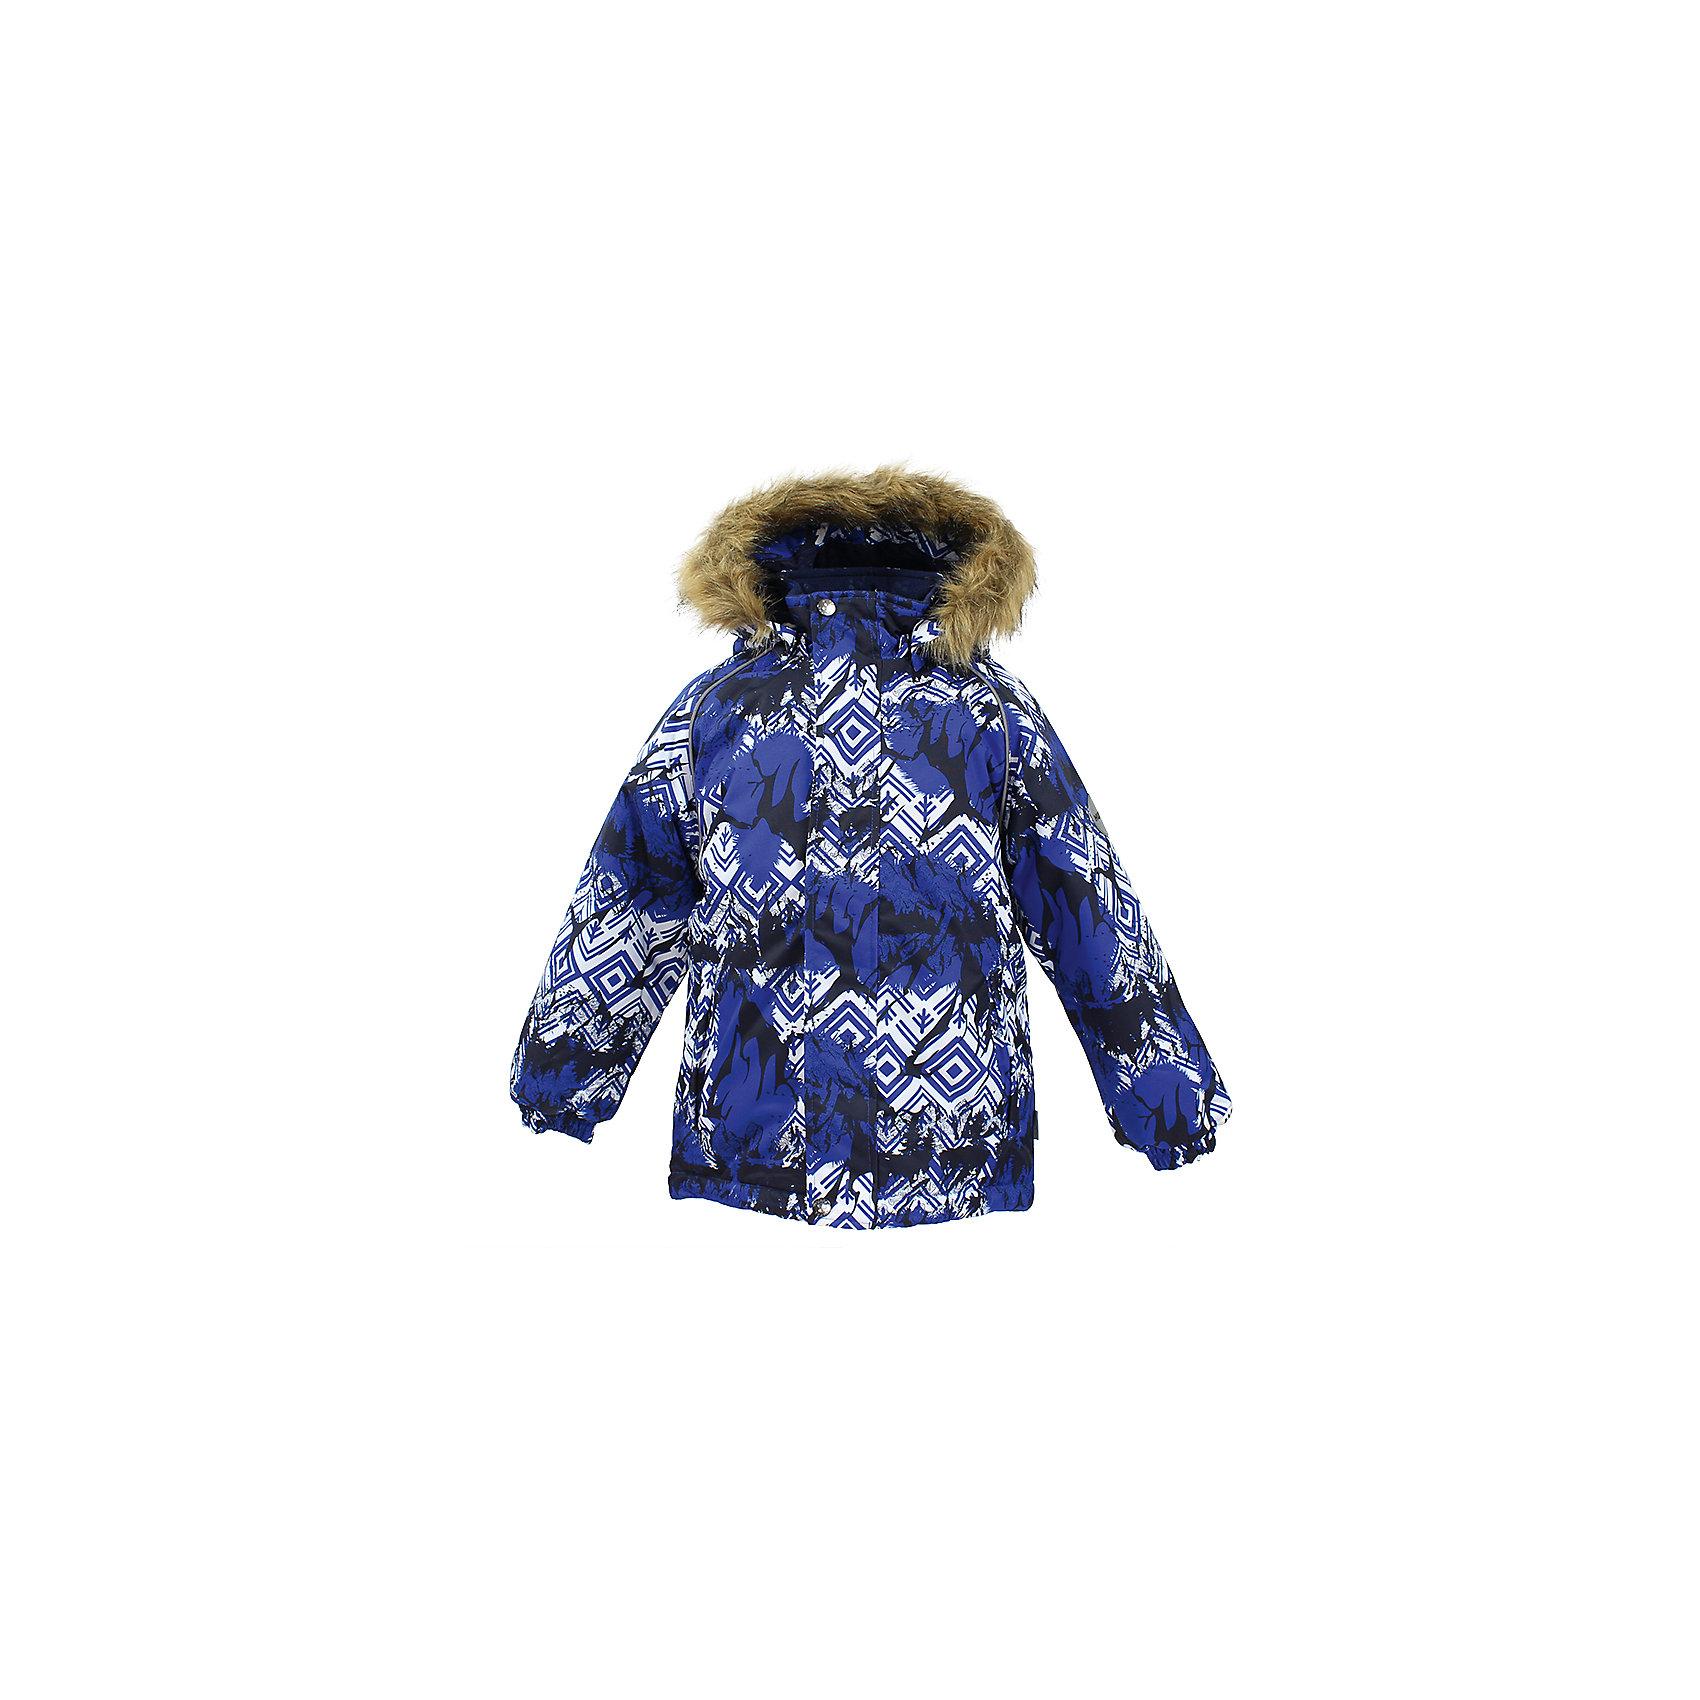 Куртка MARINEL HuppaВерхняя одежда<br>Куртка для детей MARINEL.Водо и воздухонепроницаемость 10 000. Утеплитель 300 гр. Подкладка тафта, флис 100% полиэстер. Отстегивающийся капюшон с мехом. Манжеты рукавов на резинке. Имеются светоотражательные детали.<br>Состав:<br>100% Полиэстер<br><br>Ширина мм: 356<br>Глубина мм: 10<br>Высота мм: 245<br>Вес г: 519<br>Цвет: синий<br>Возраст от месяцев: 48<br>Возраст до месяцев: 60<br>Пол: Унисекс<br>Возраст: Детский<br>Размер: 110,140,134,128,122,116<br>SKU: 7027407